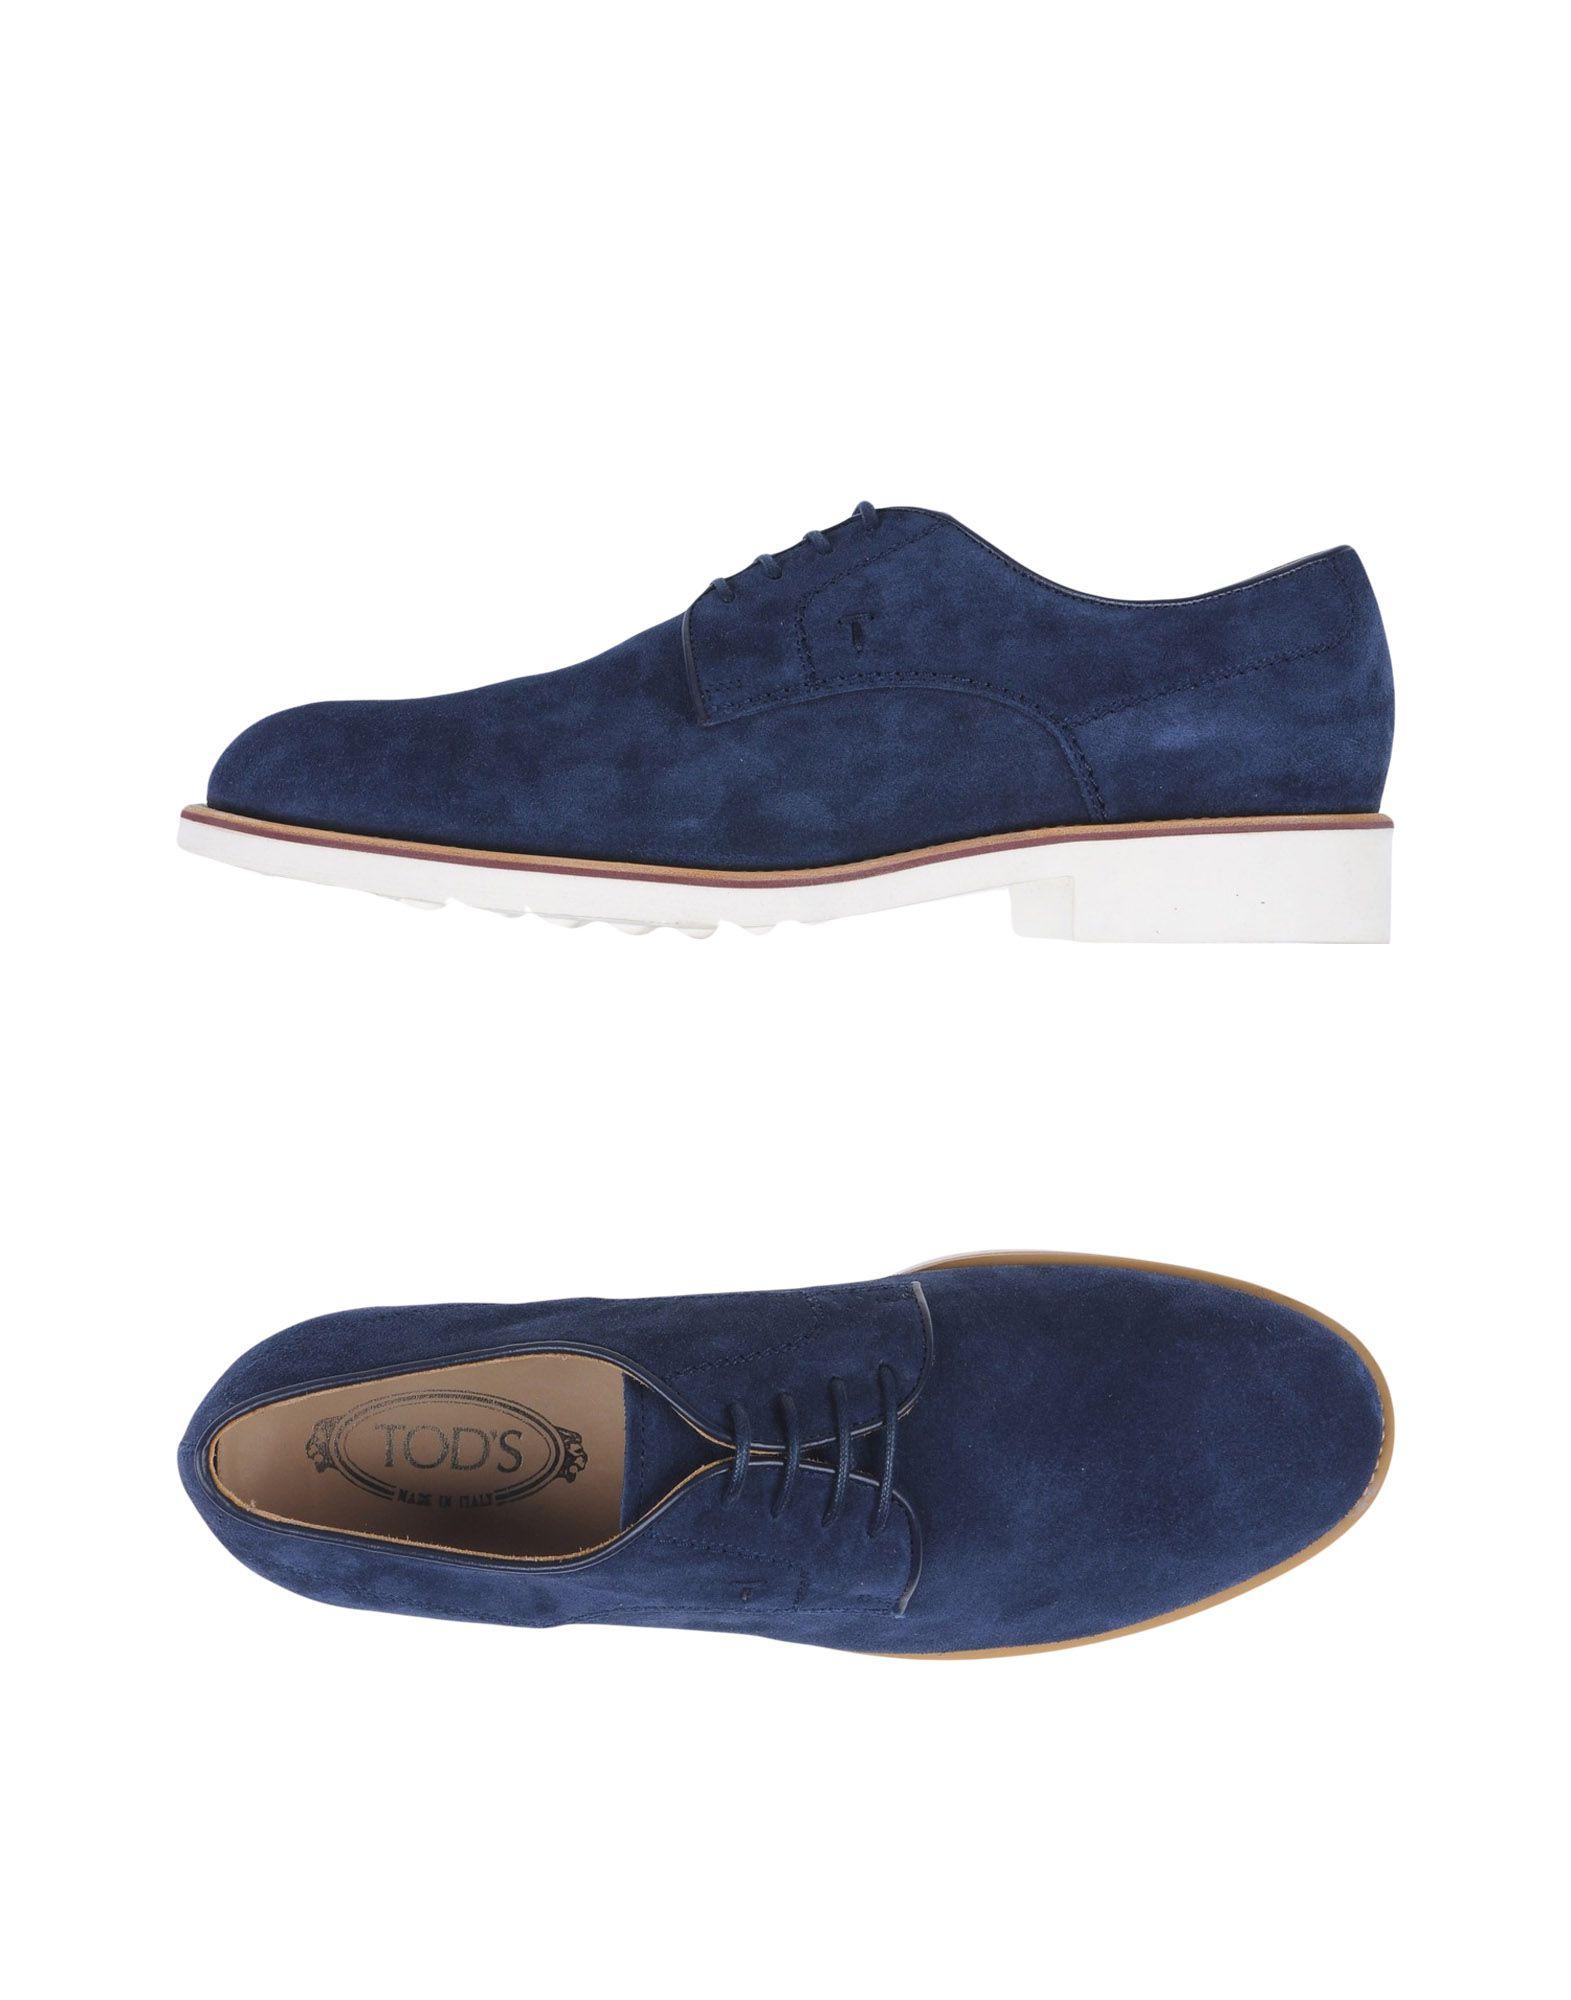 Tod's Schnürschuhe Herren  11336480SO Gute Qualität beliebte Schuhe